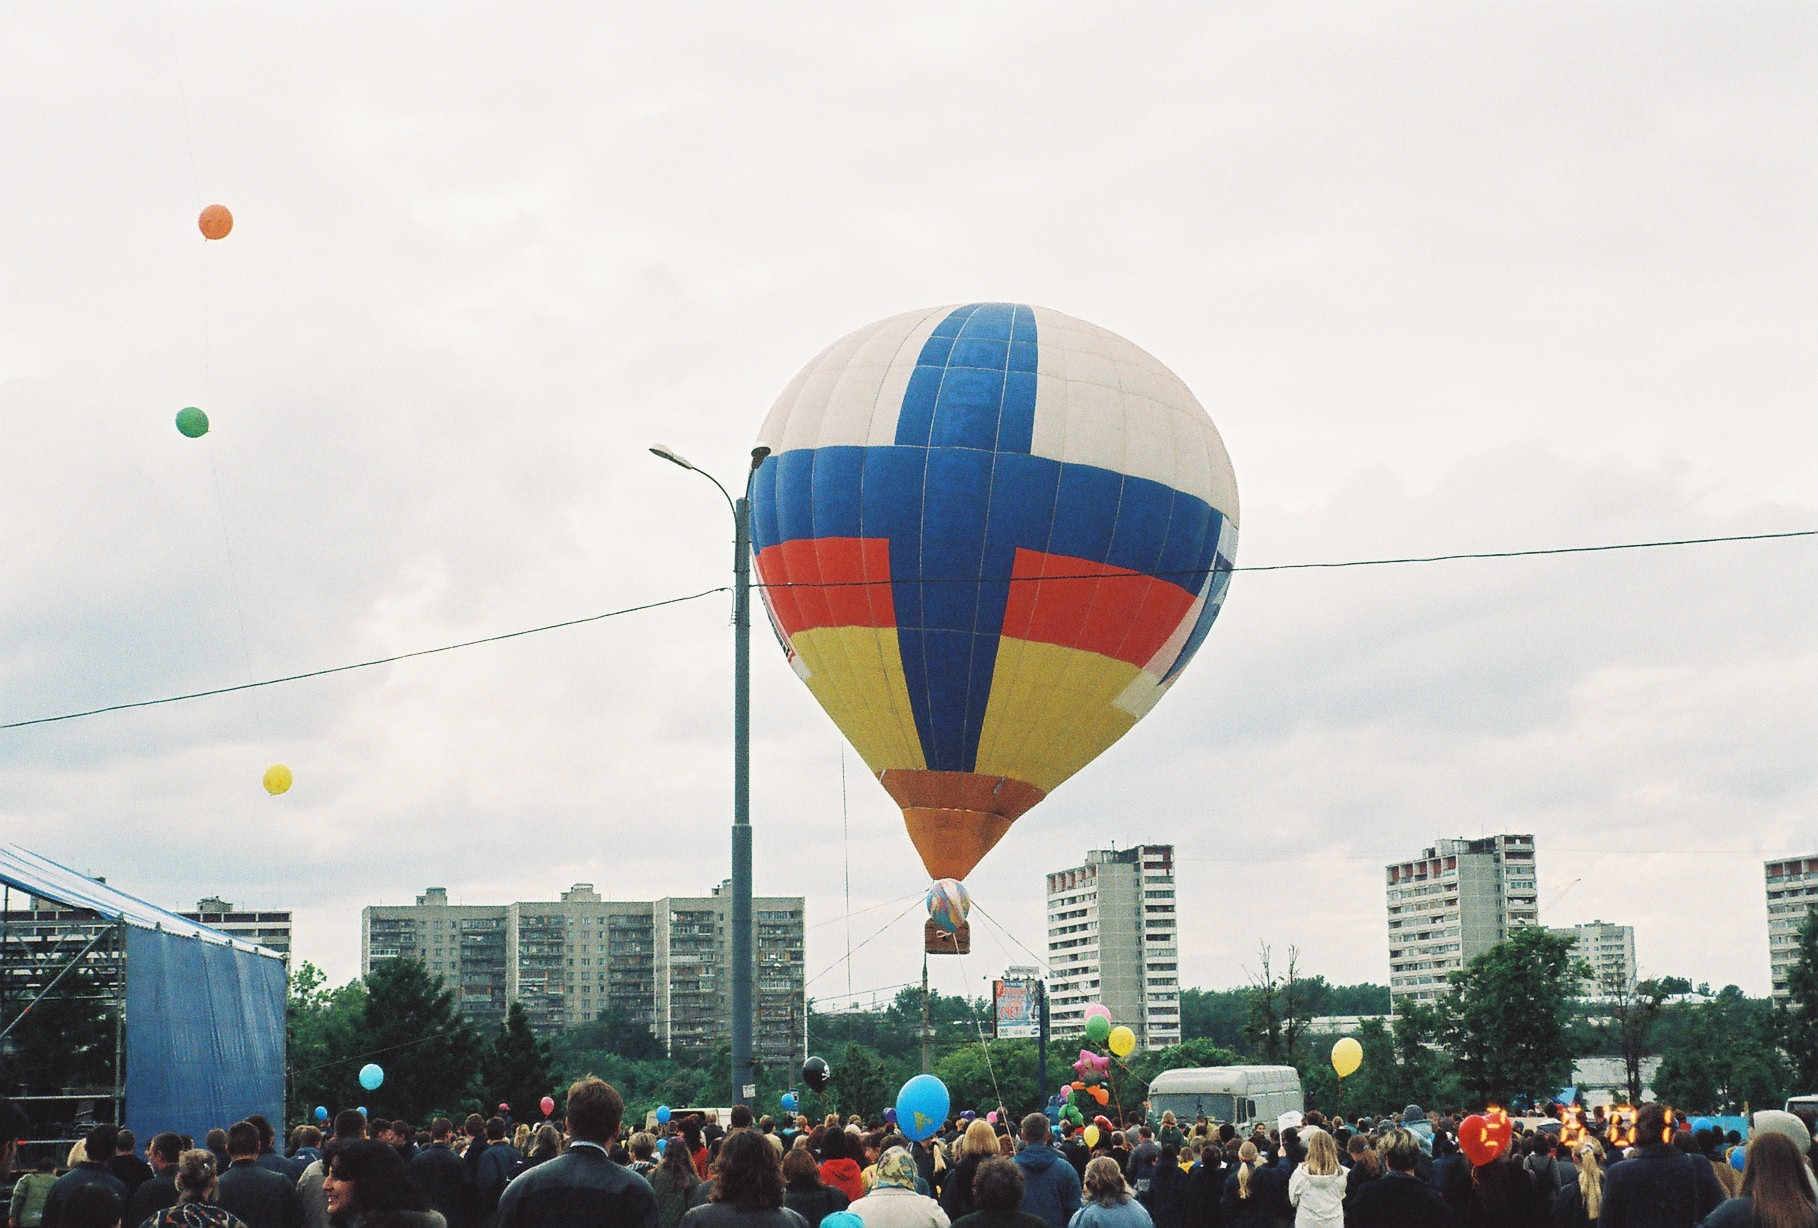 2001 празднование Дня детей 1 июня 2001 г. в Олимпийской деревне2